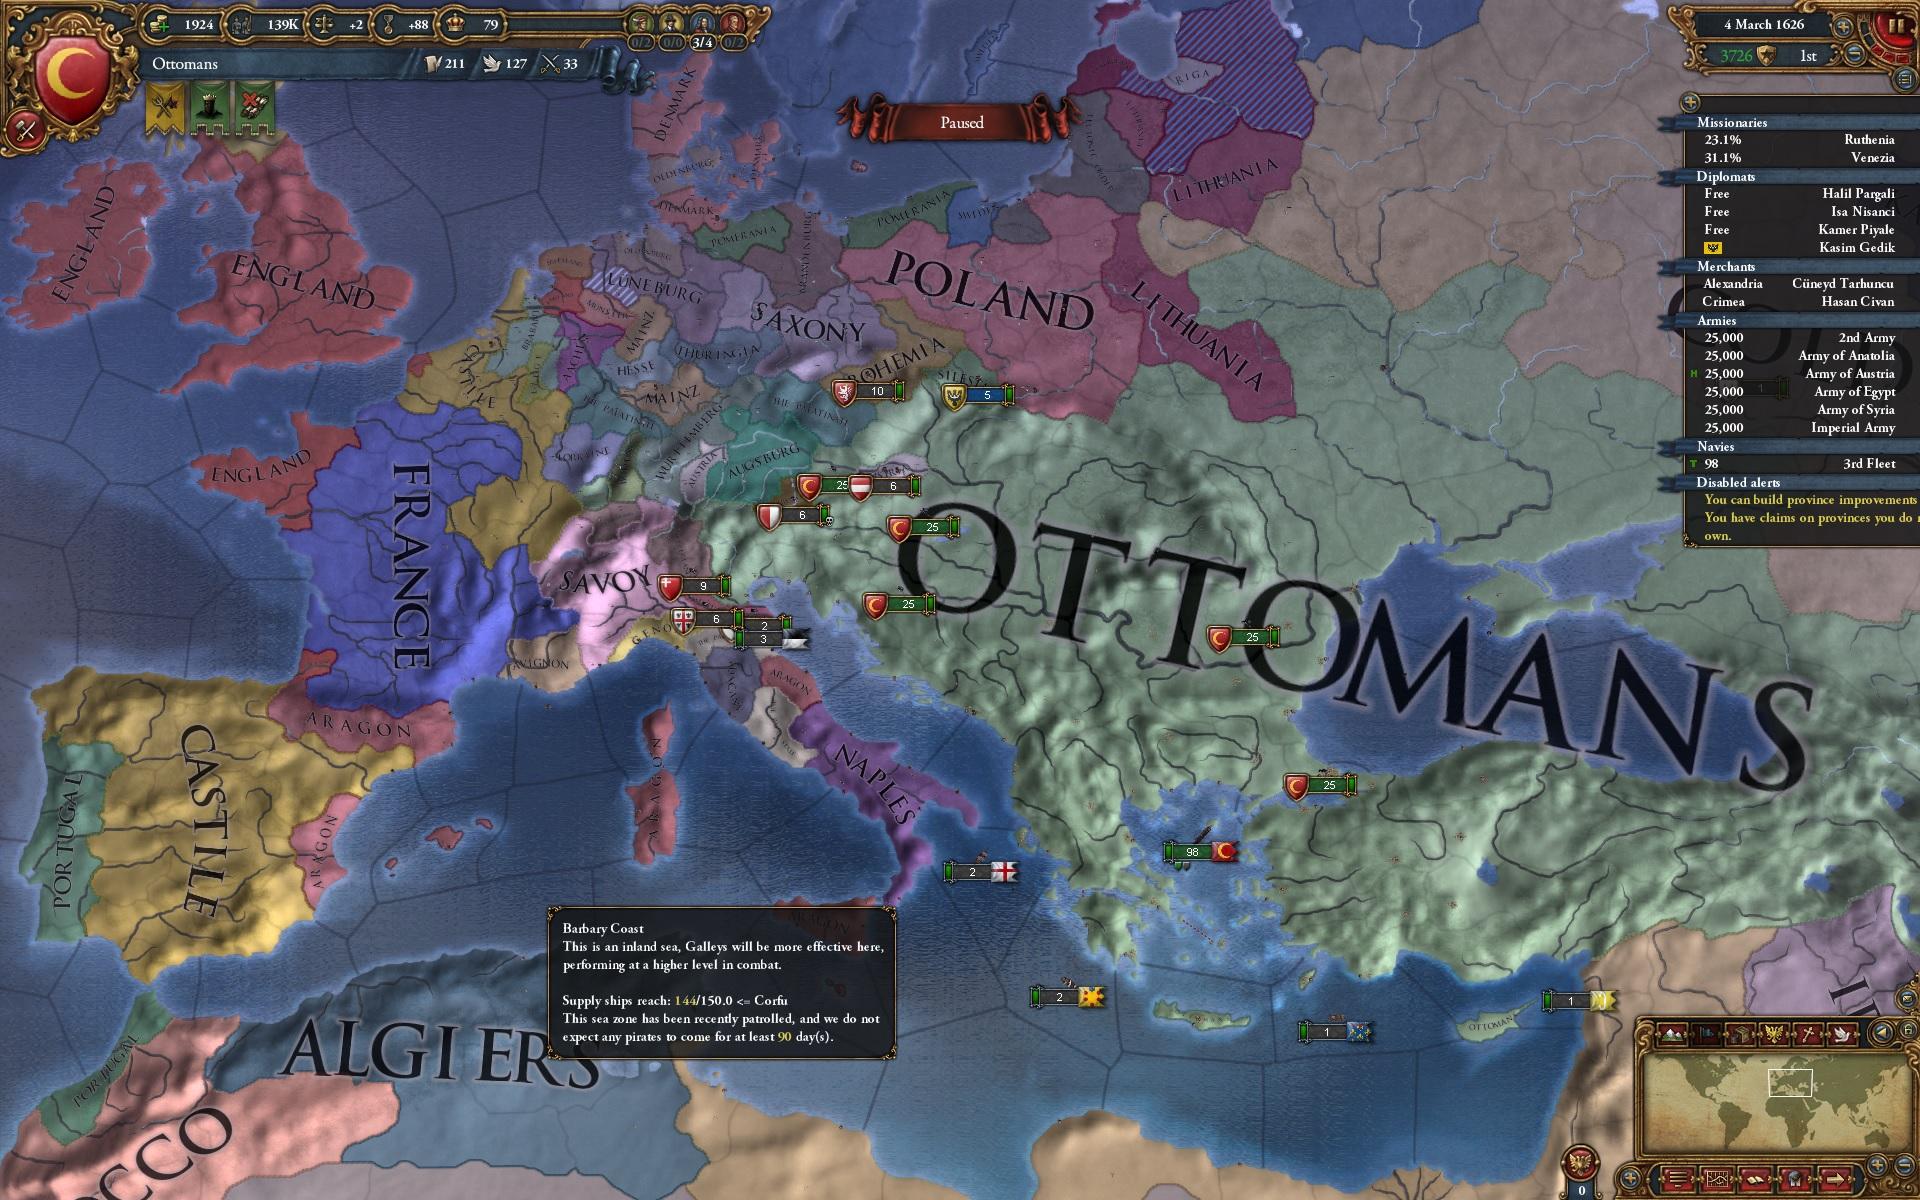 Europa Universalis 4 - GameReplays.org